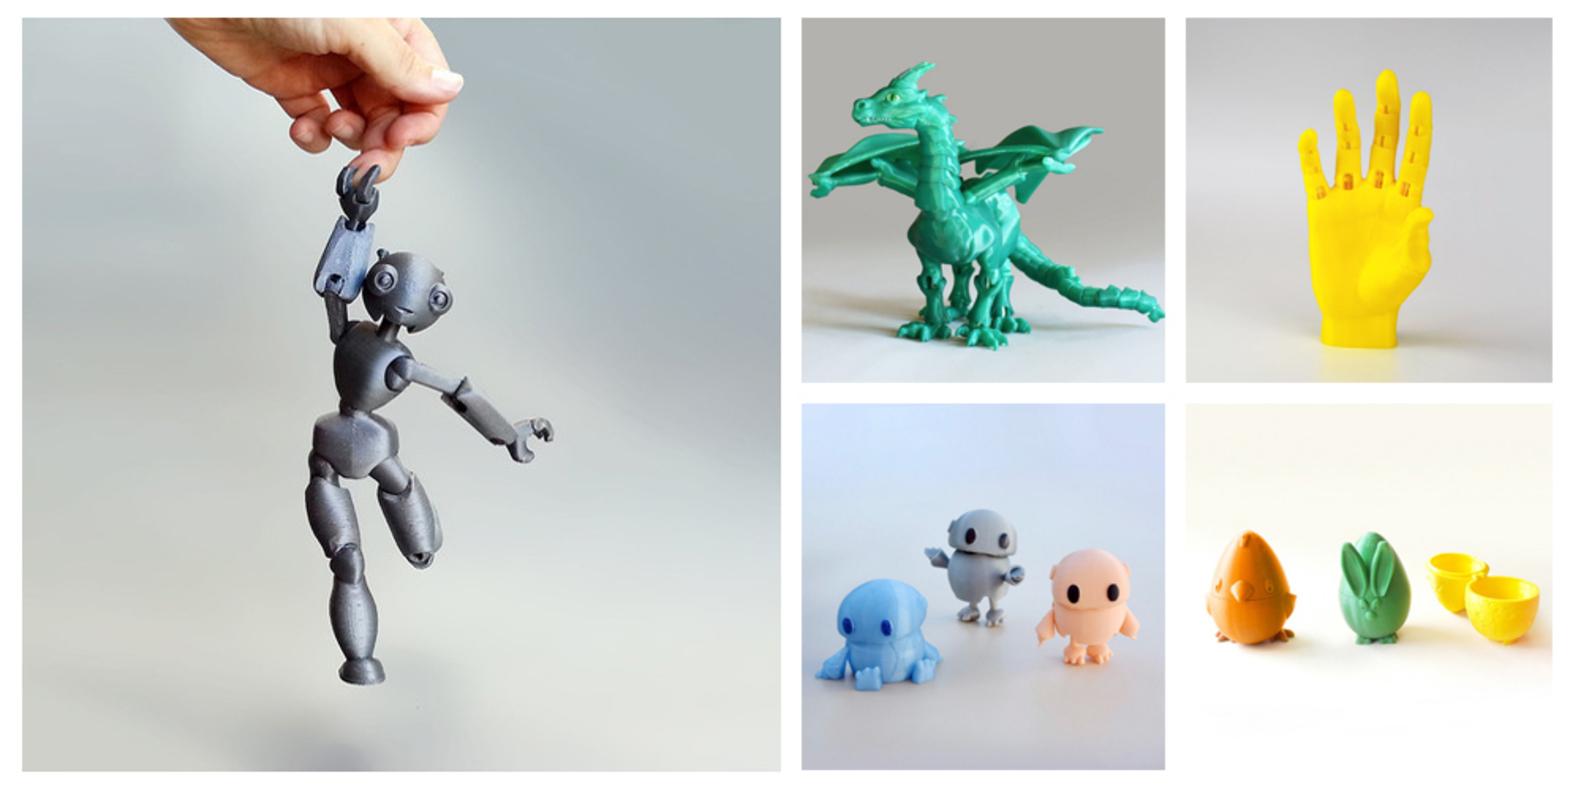 Entrevista a los diseñadores de impresión 3D: Sonia Verdu